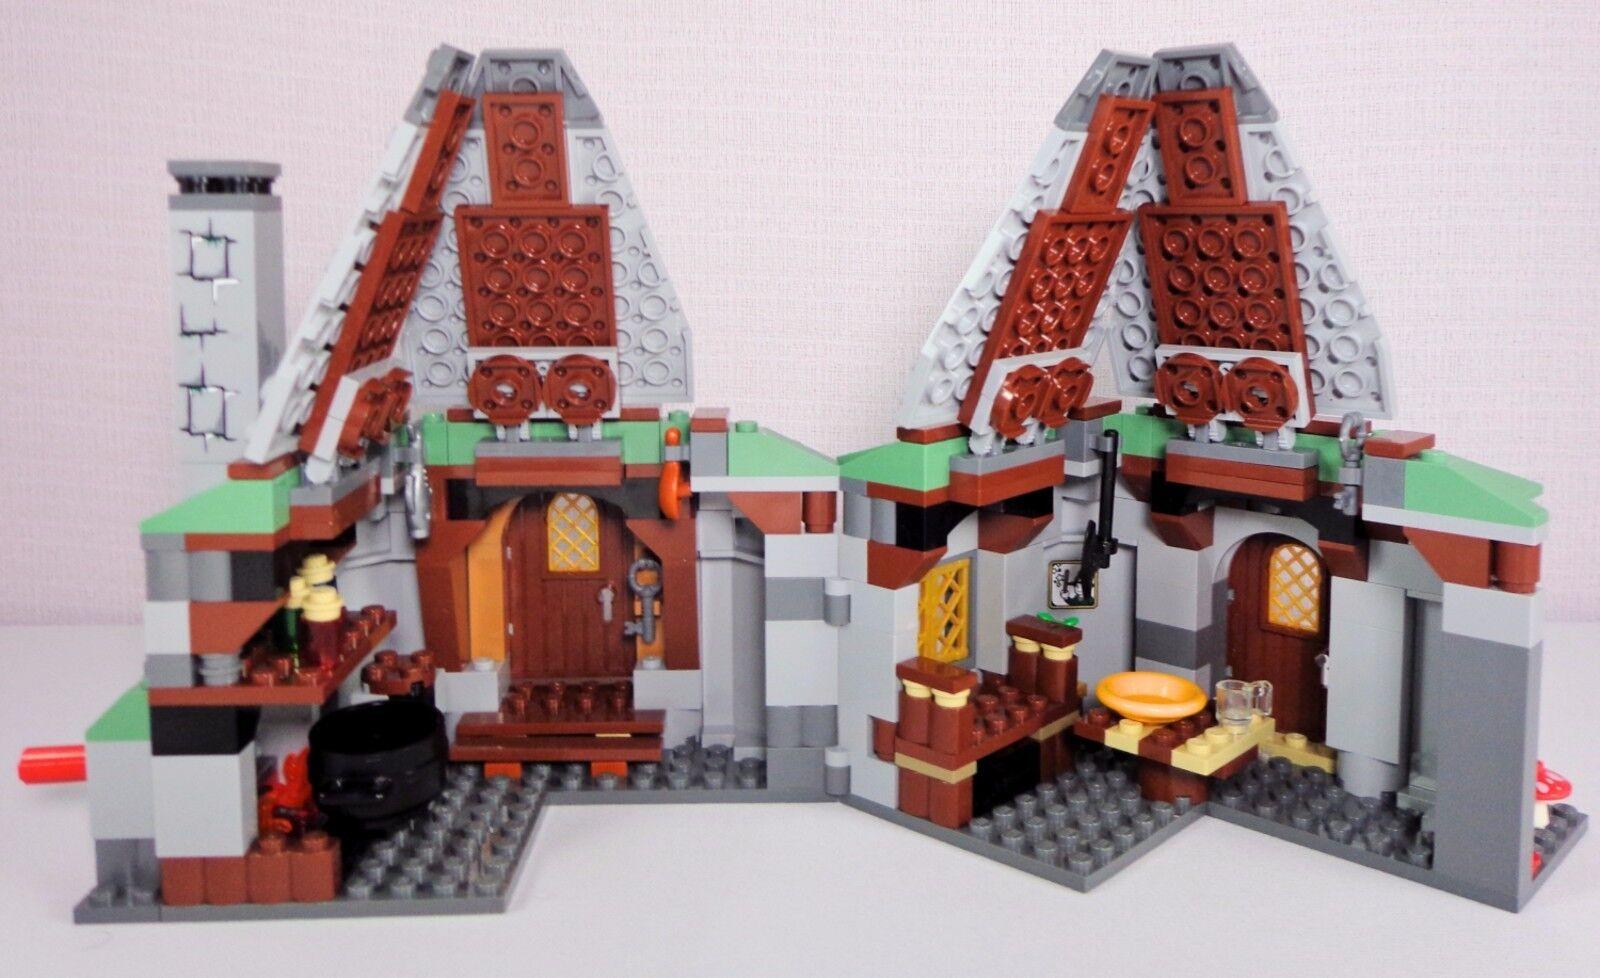 Lego Harry Potter 4738 Complete Set Set Set Hagrid's Hut 3rd